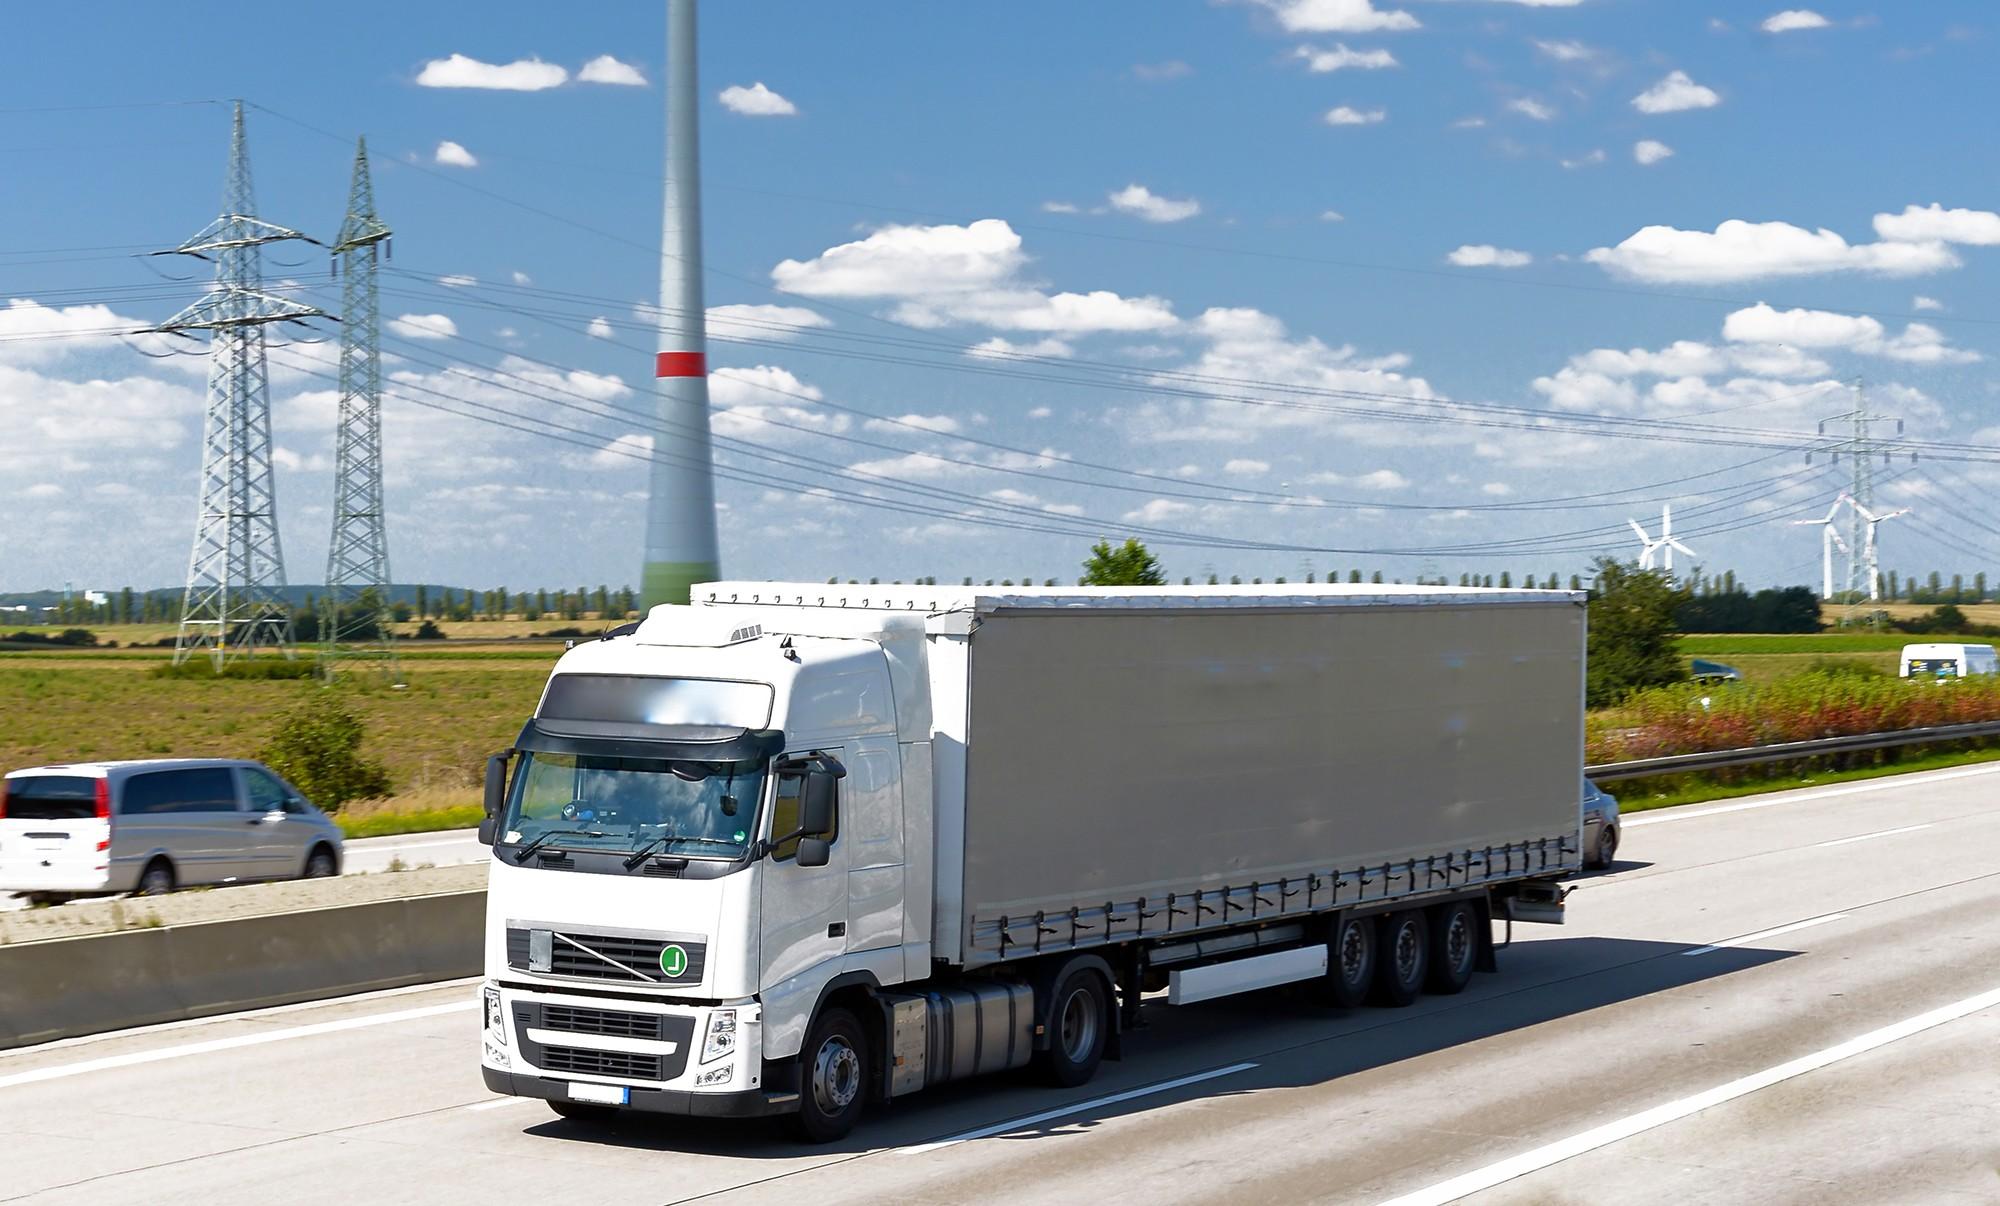 Dieselpartikelfilter Reinigung beim LKW | Cleantaxx GmbH